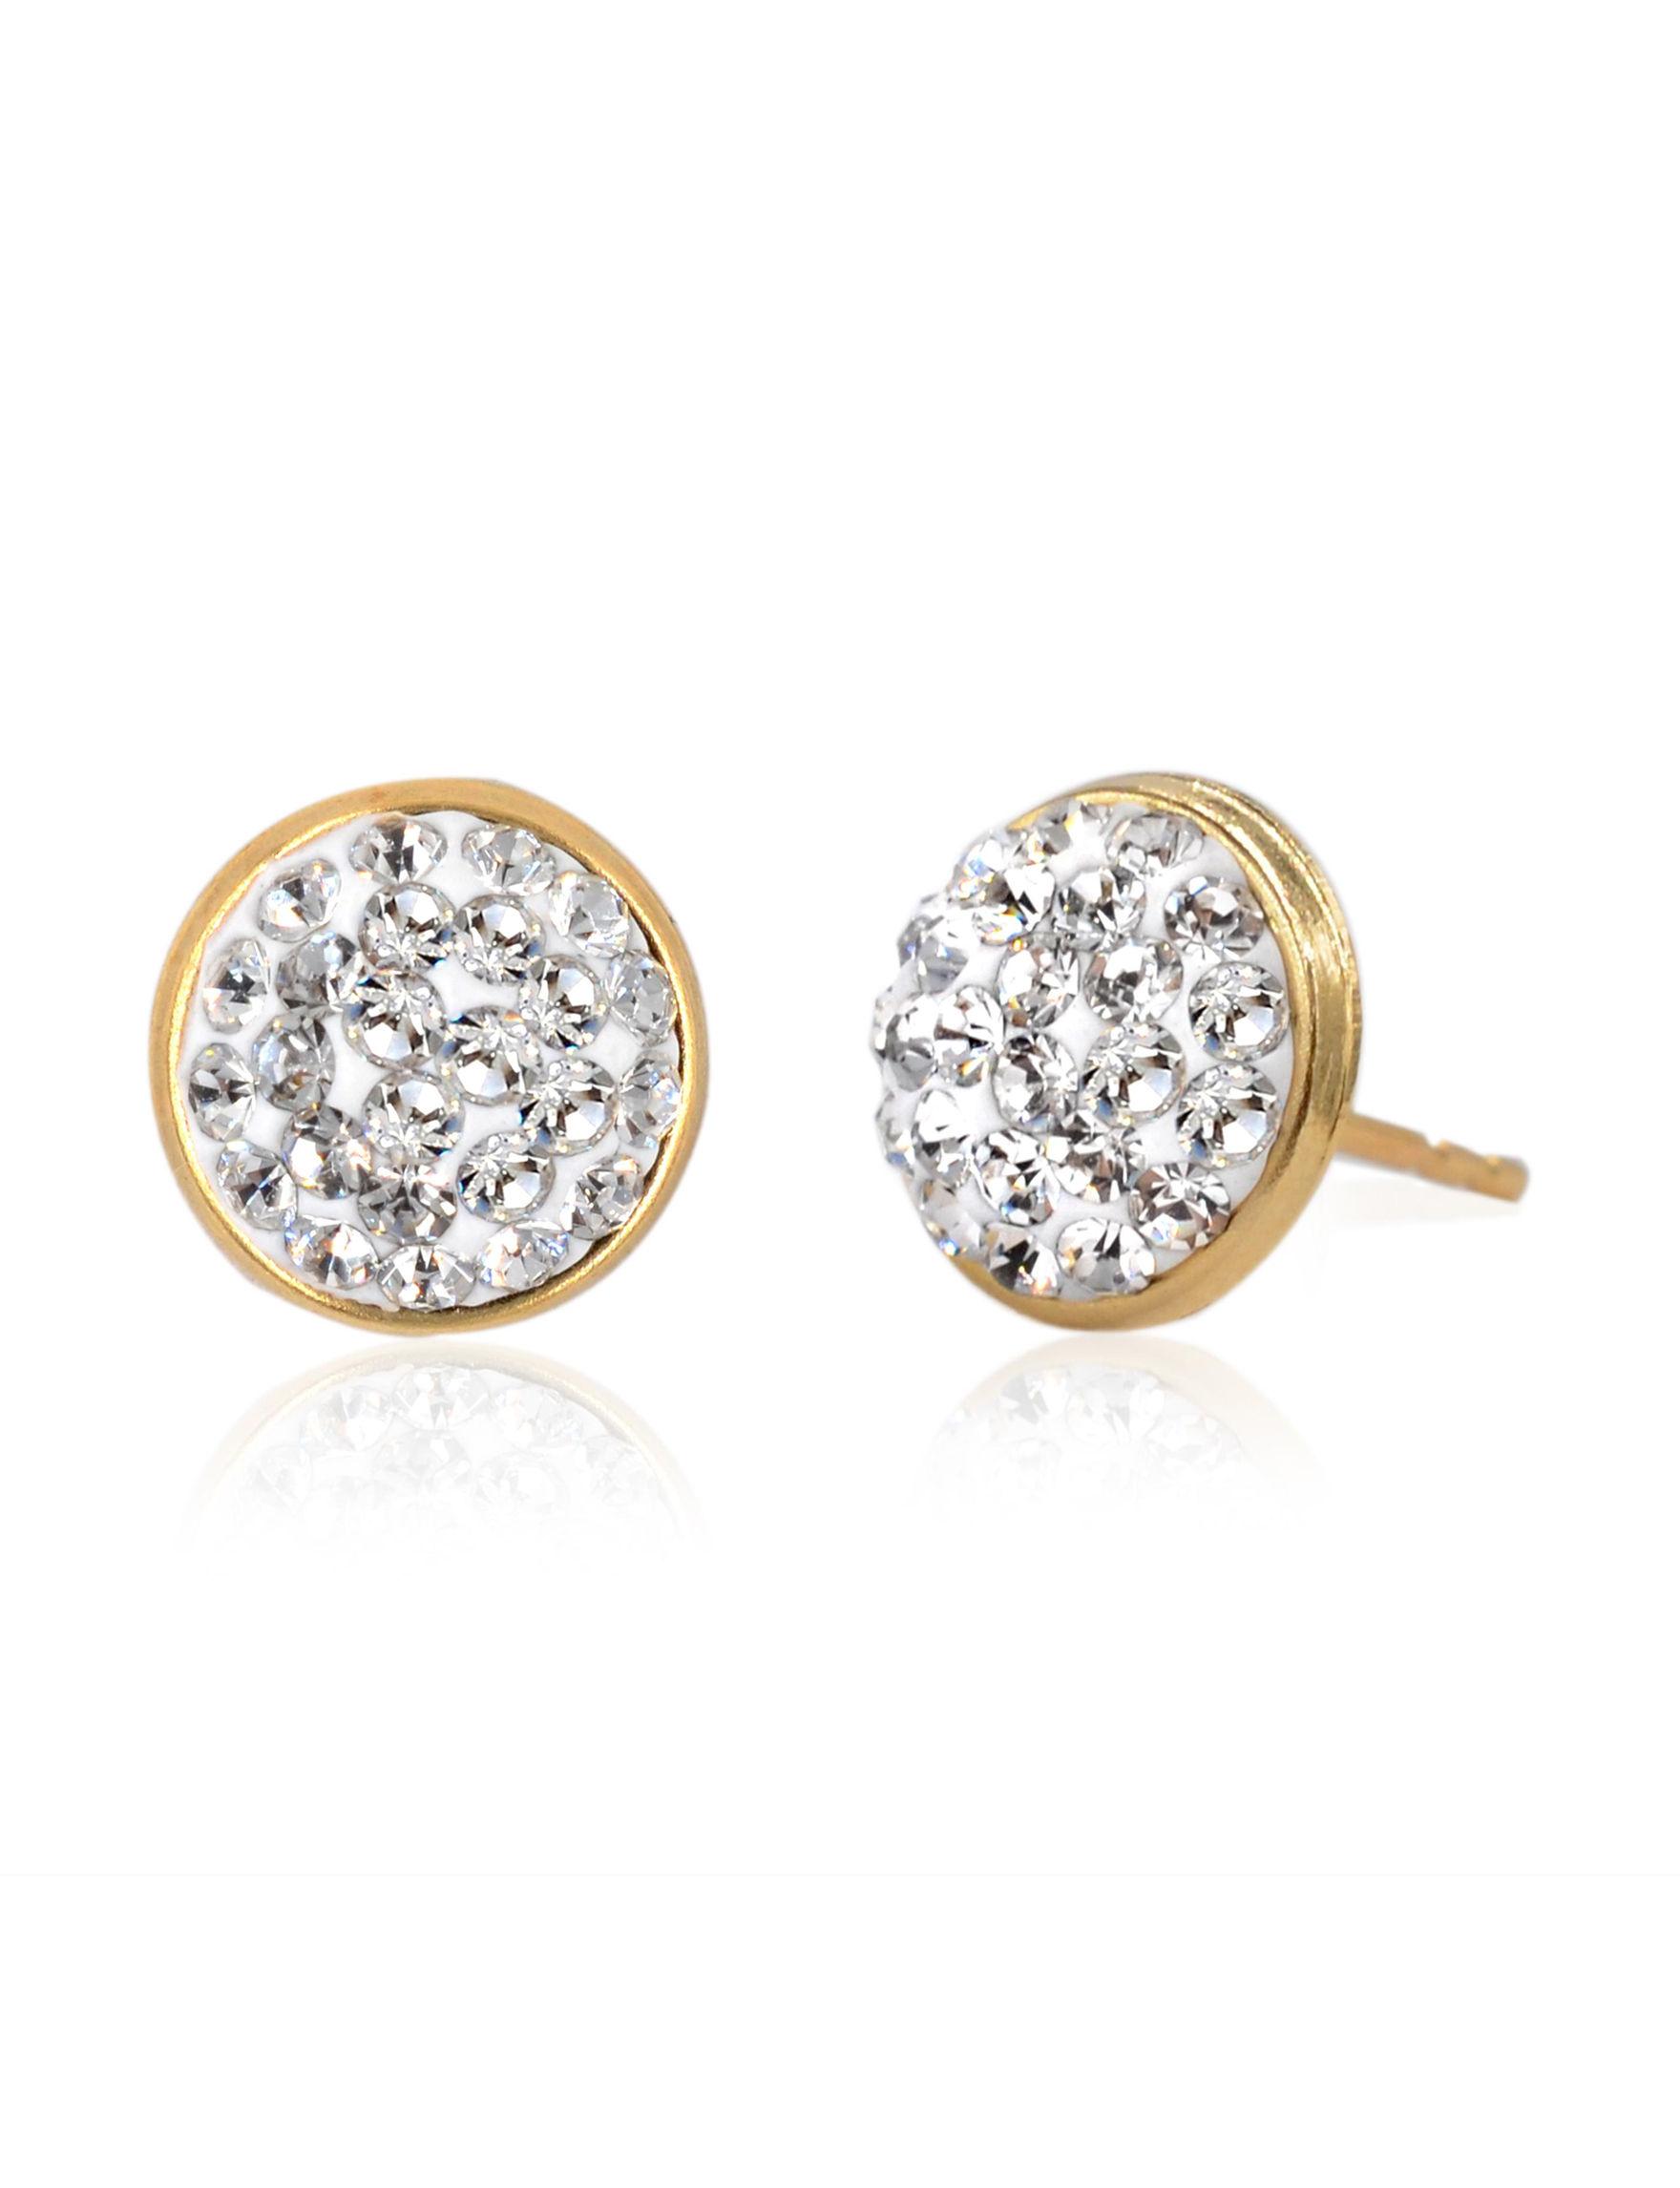 JTS Gold Earrings Fine Jewelry